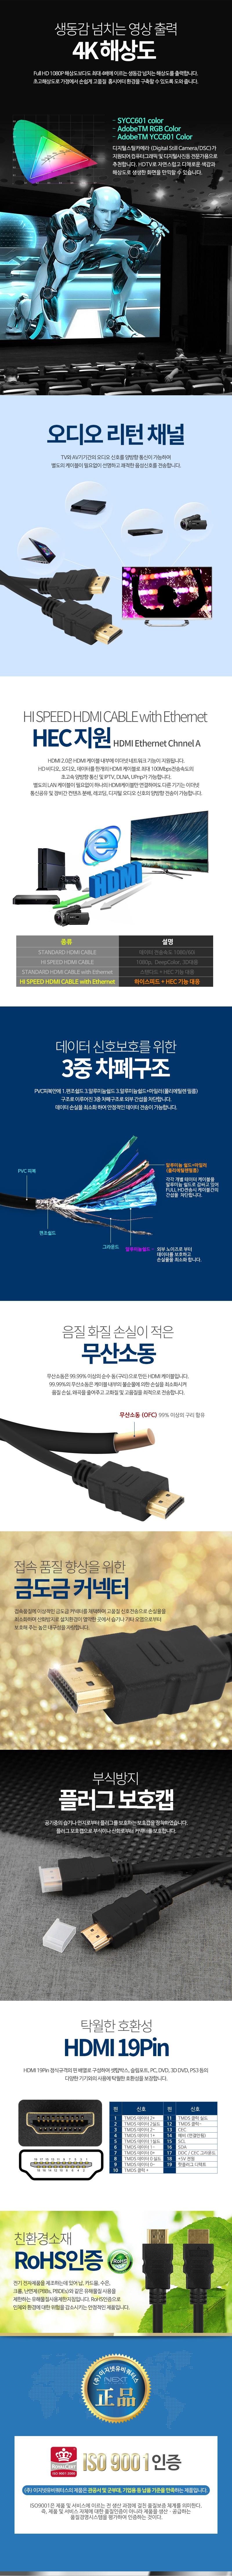 이지넷유비쿼터스 HDMI 2.0 케이블 (NEXT-150UHD4K) (15m)